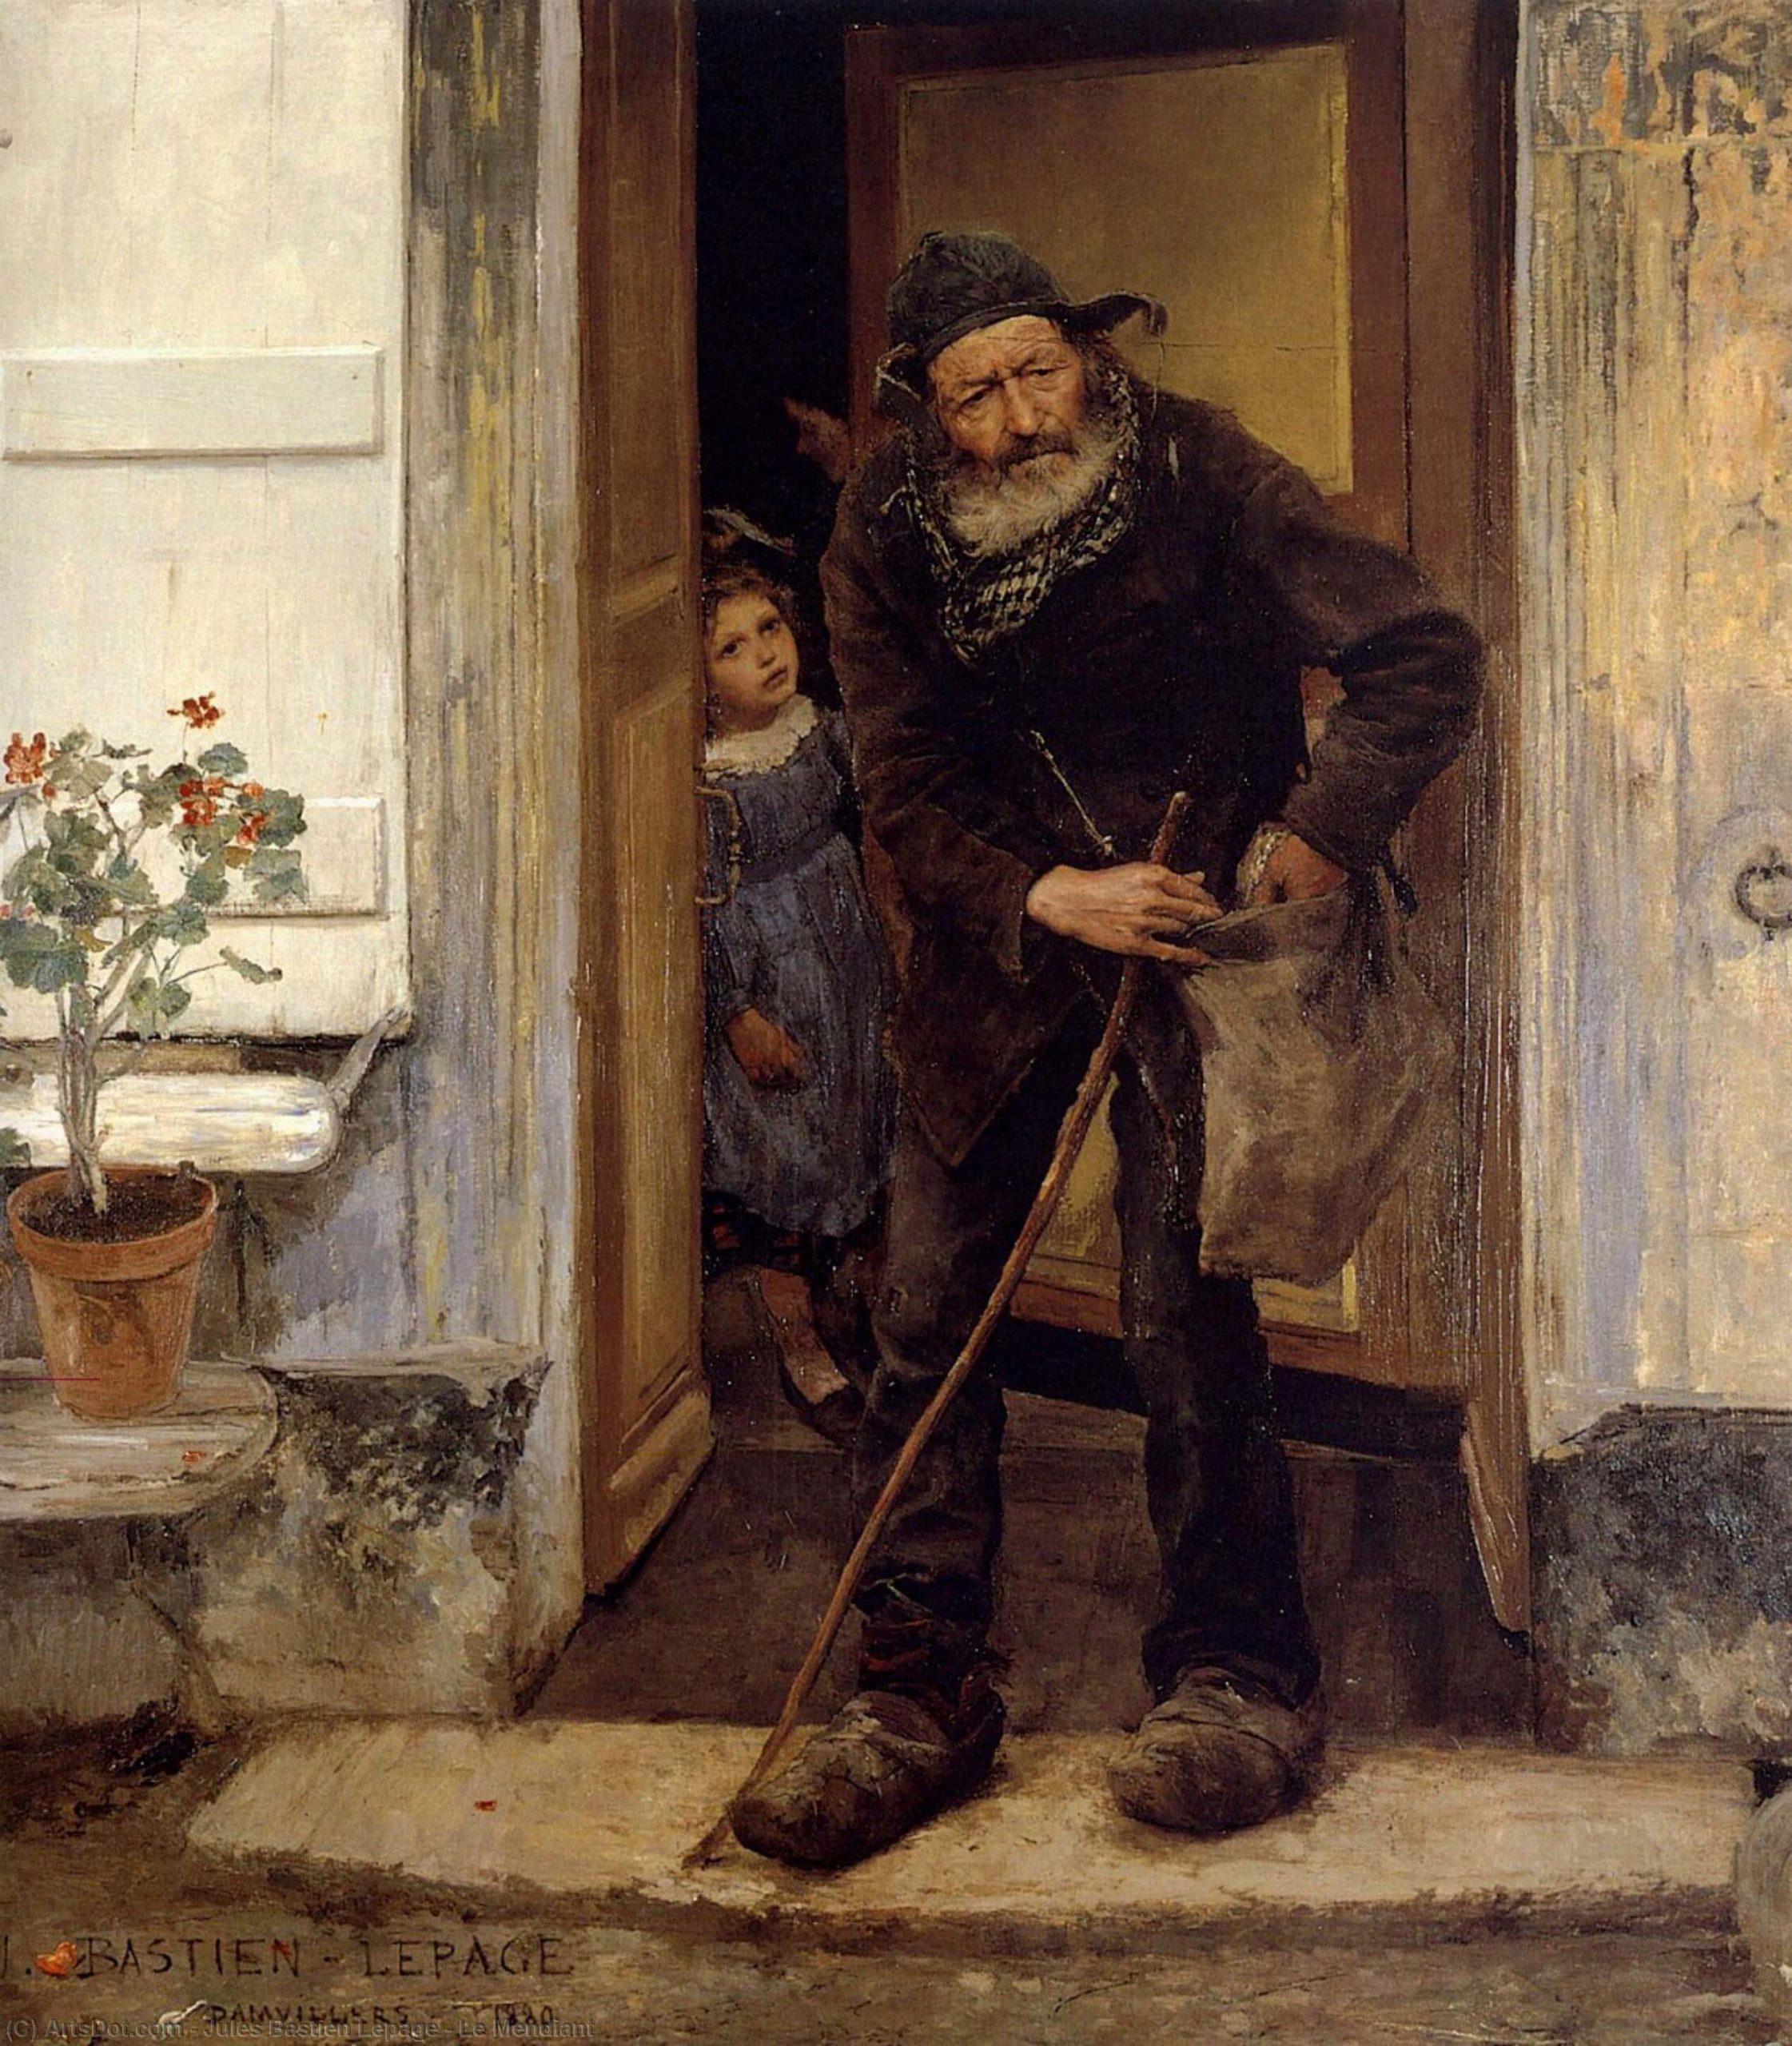 Le Mendiant - Poème de Victor Hugo - Les Contemplations